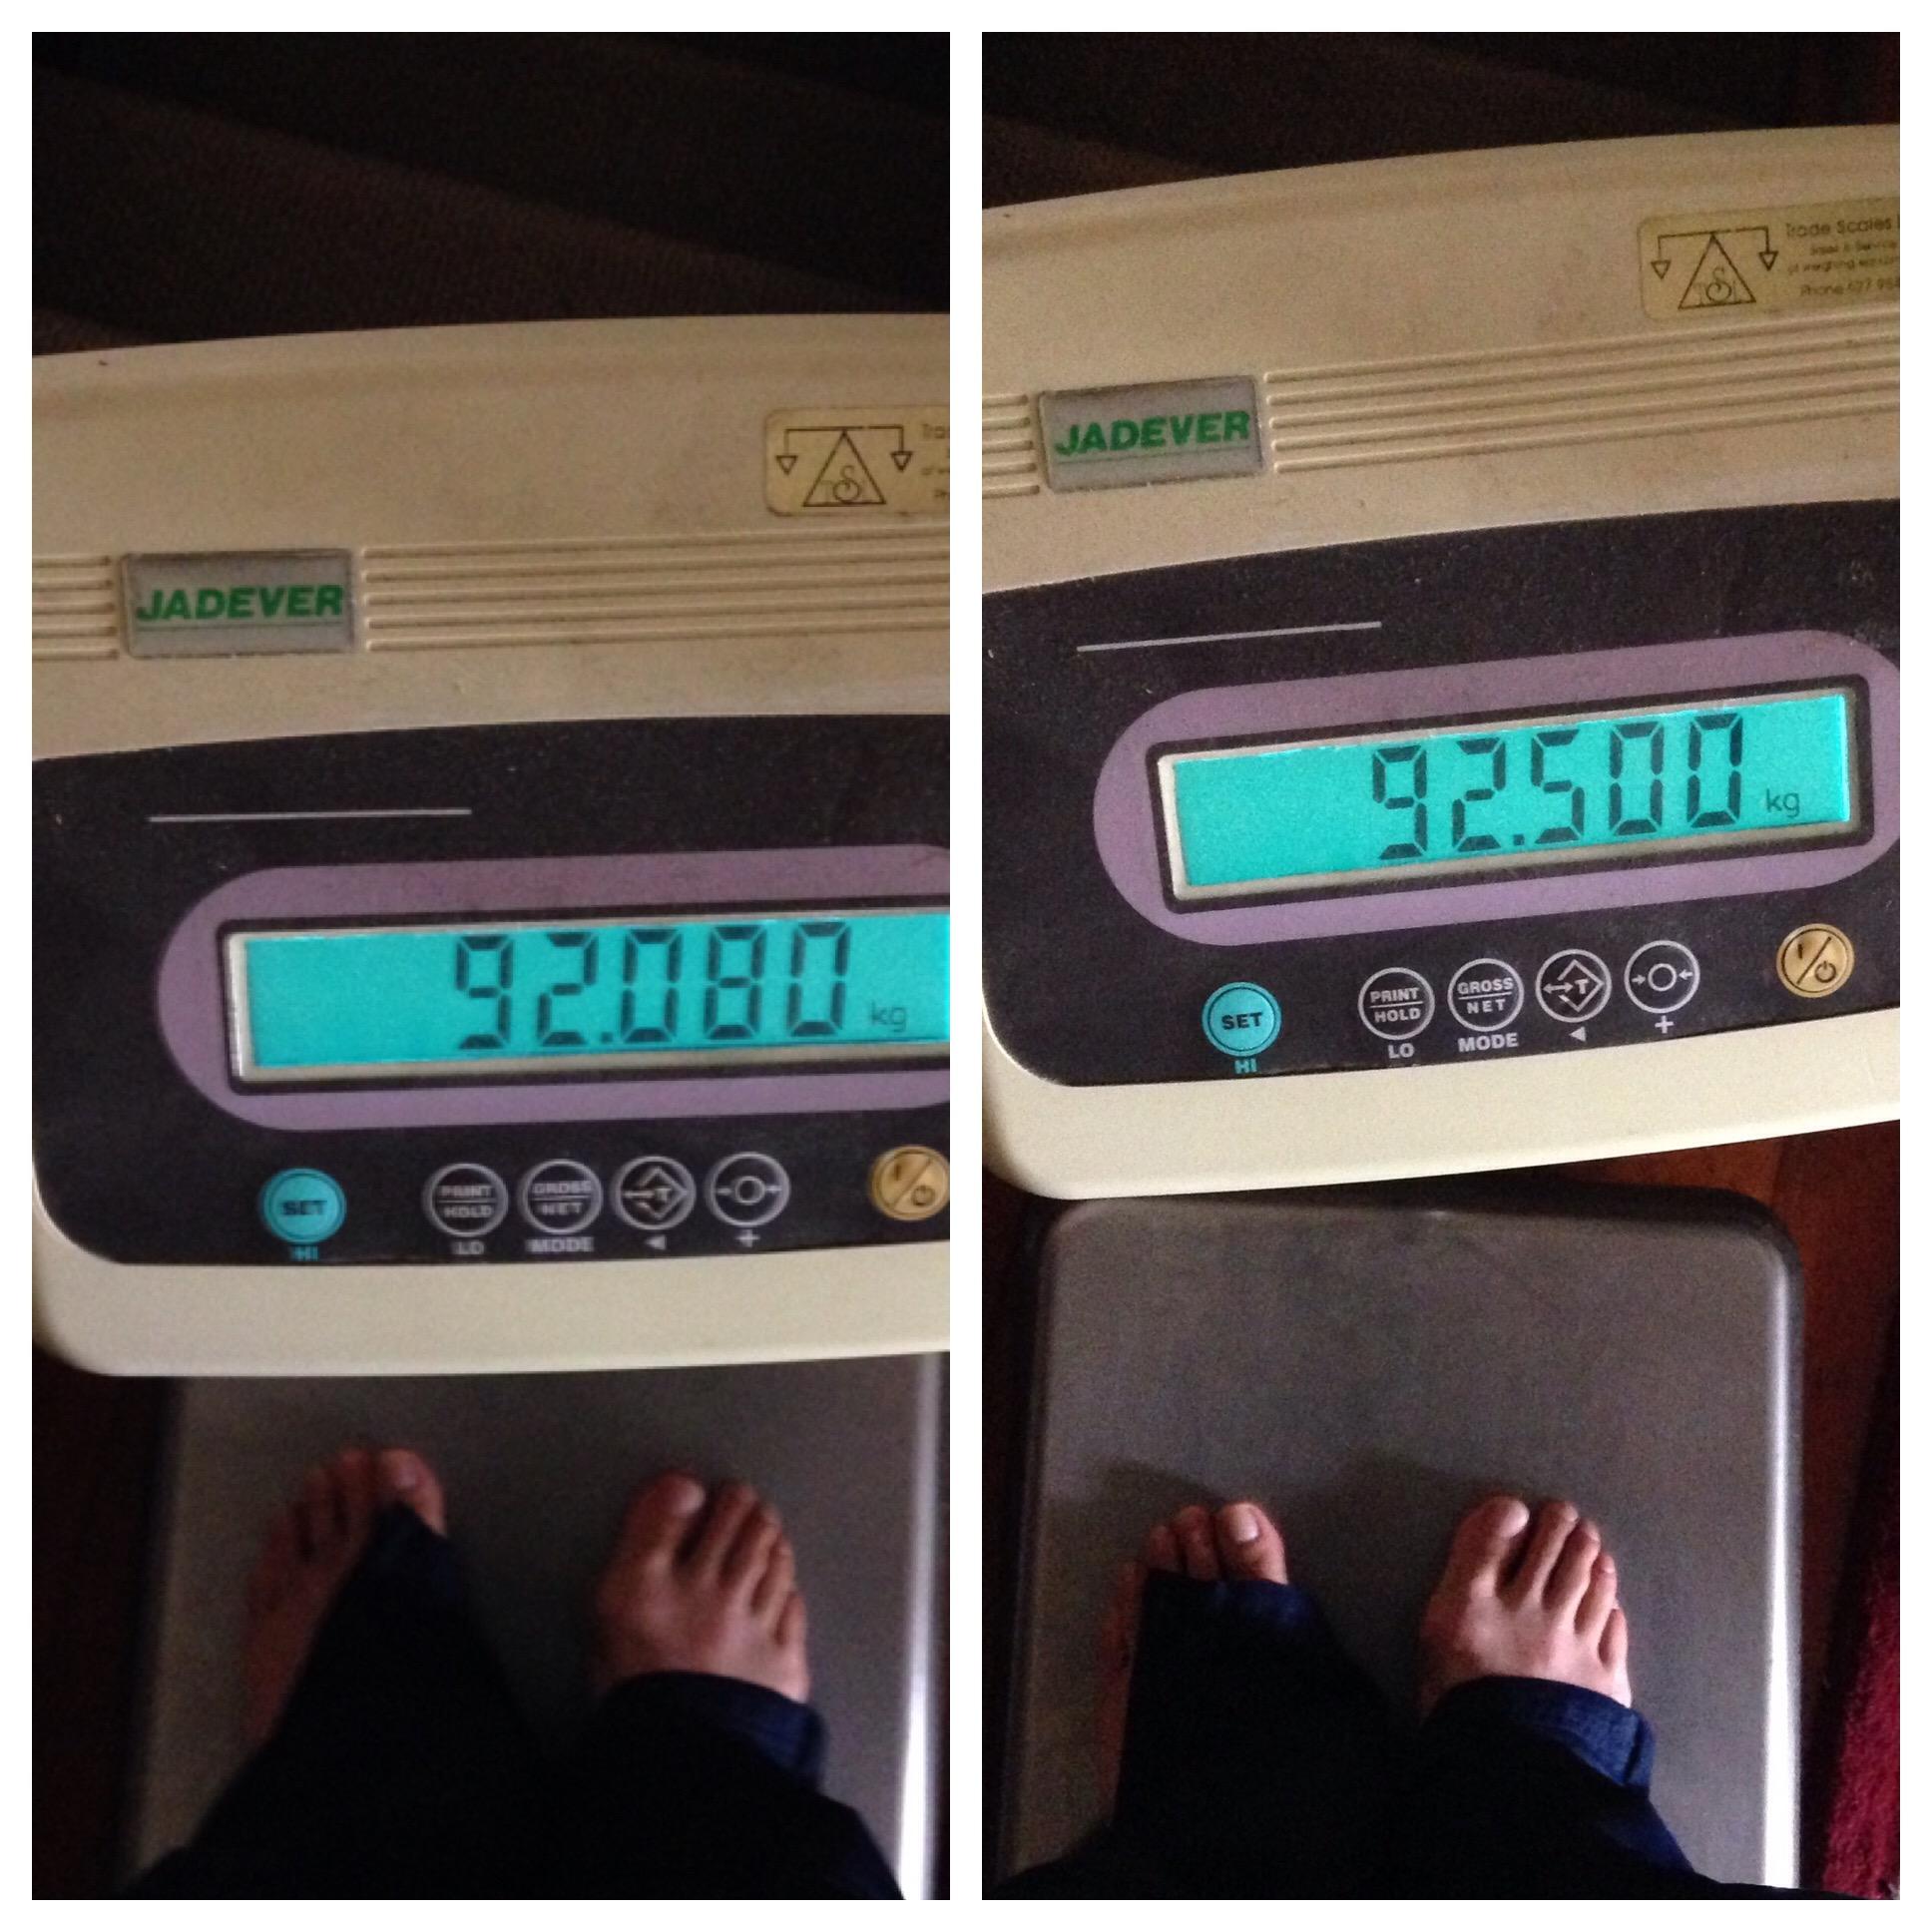 weightscales 500 grams.JPG